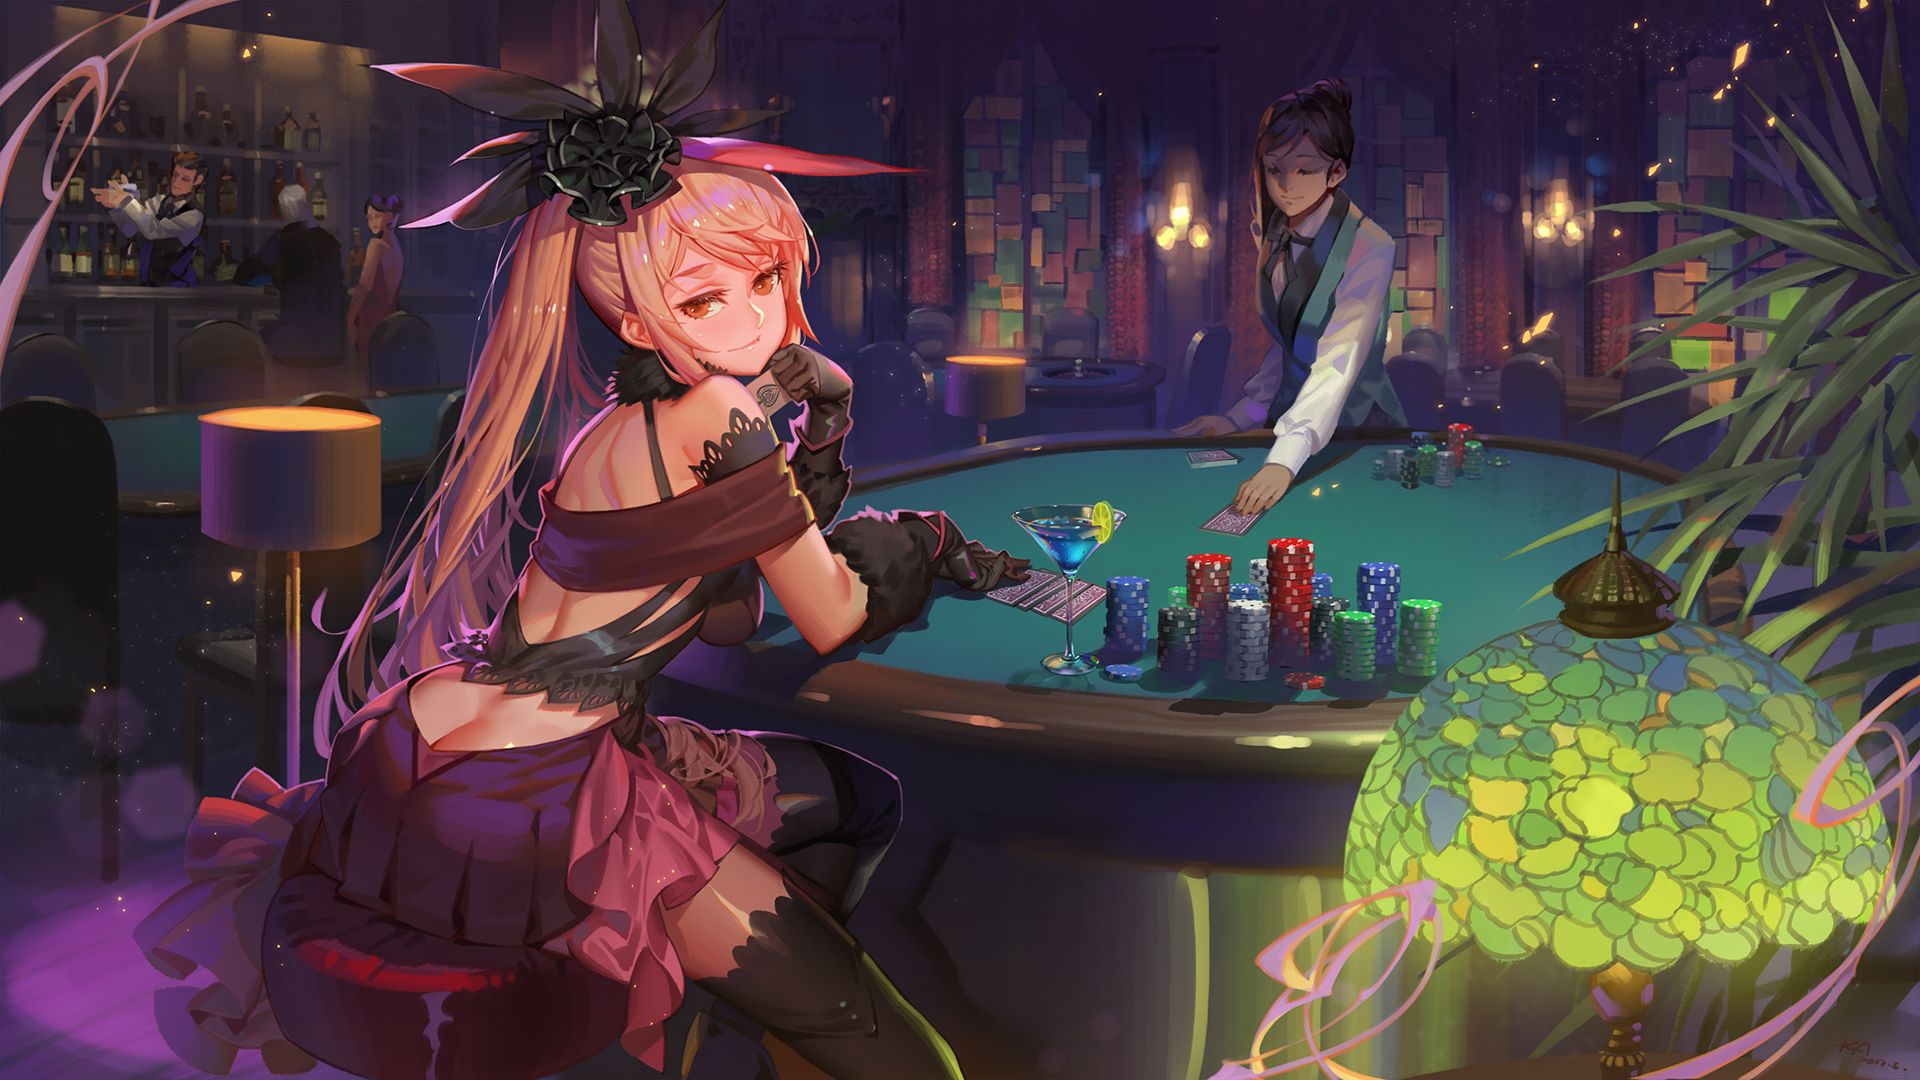 https www pixiv net member illust php mode medium illust id 62934279 anime art anime art